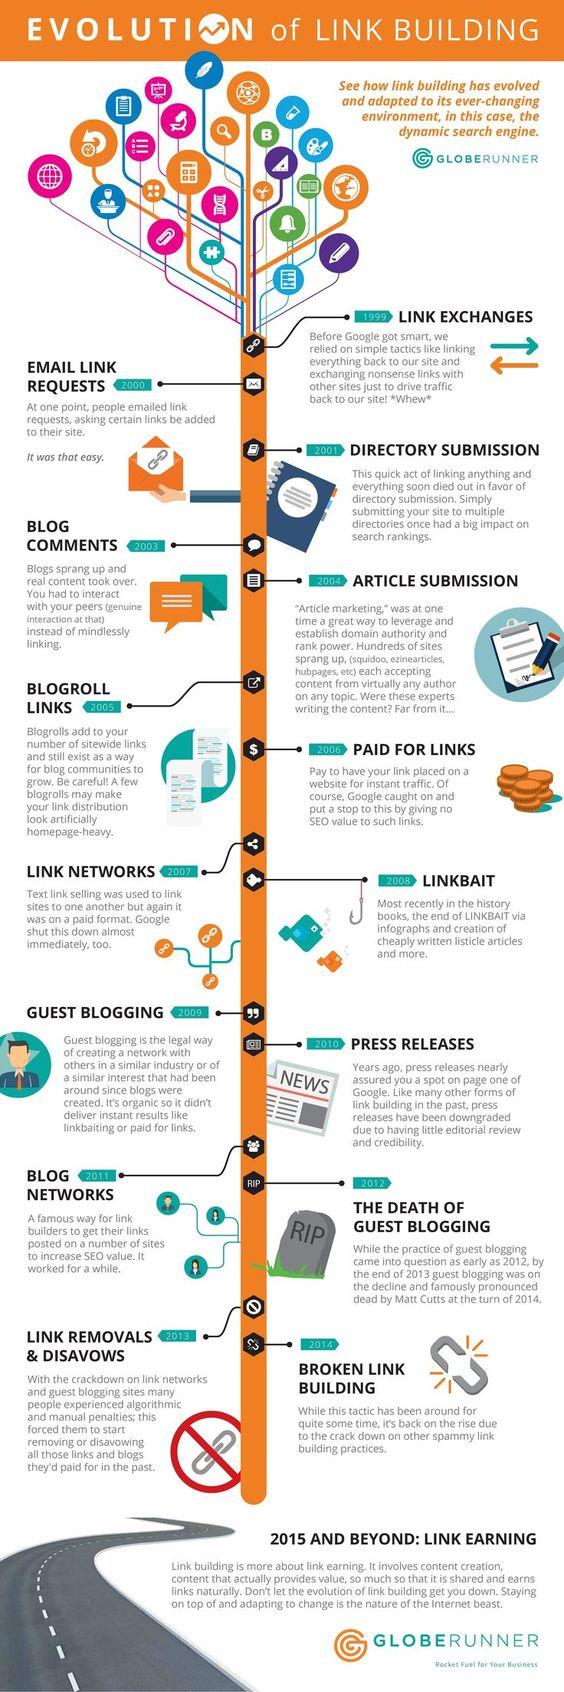 Link building methods how to make backlinks link building strategies